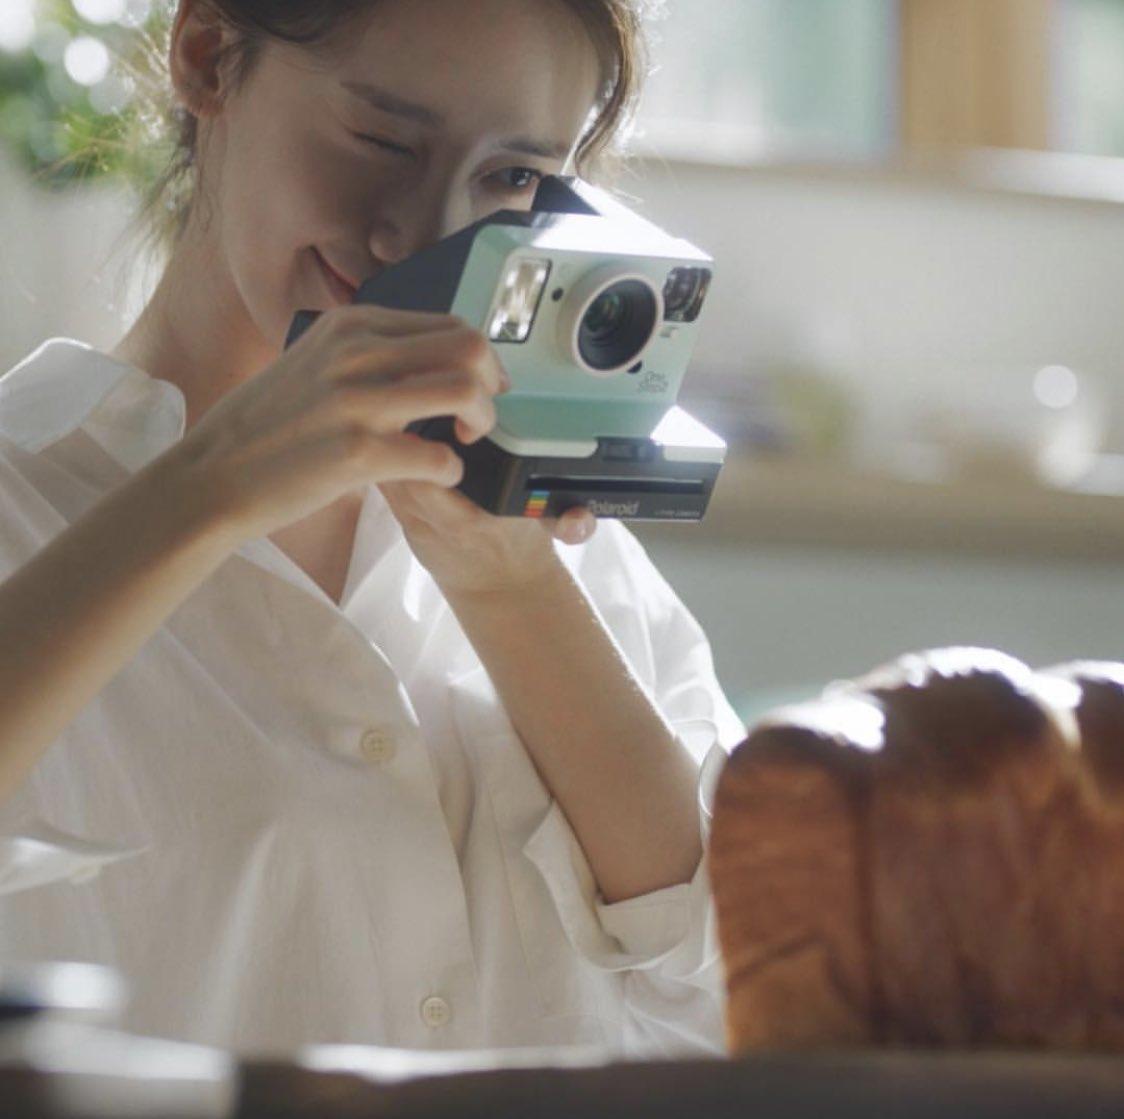 idolphotographers_yoona1